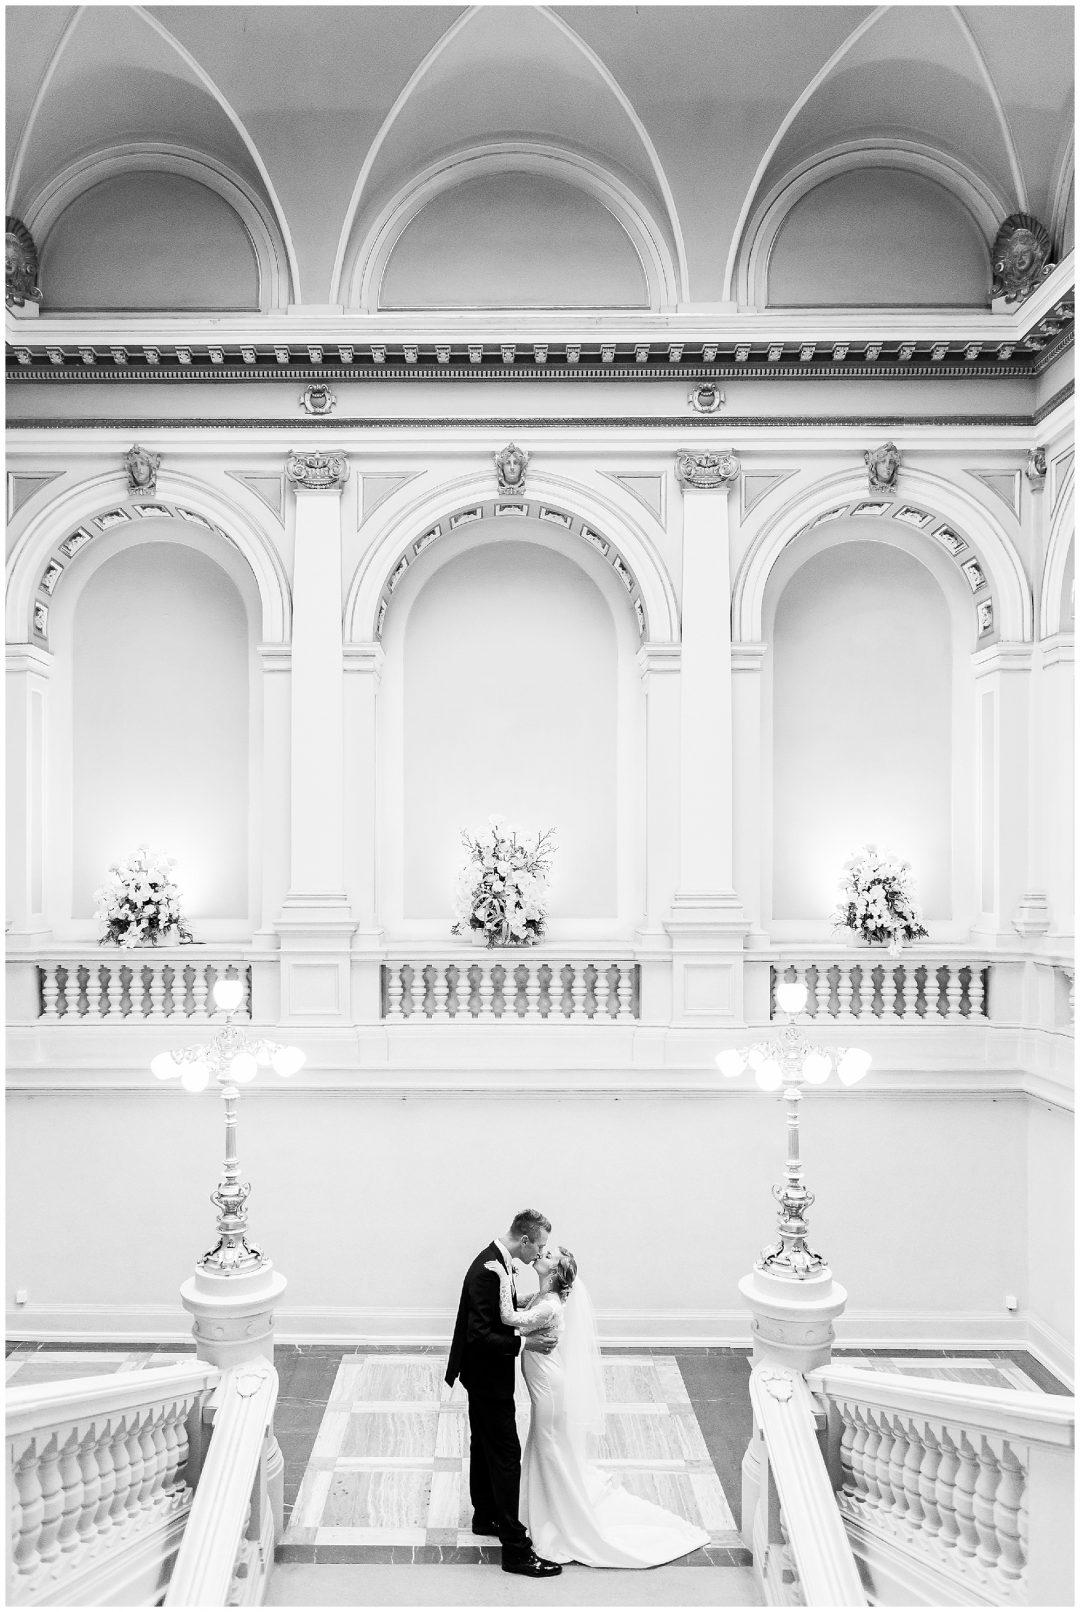 Destination Wedding in Prague | Pav and Steffen - weddings - Destination wedding Prague wedding Nkima Photography 0042